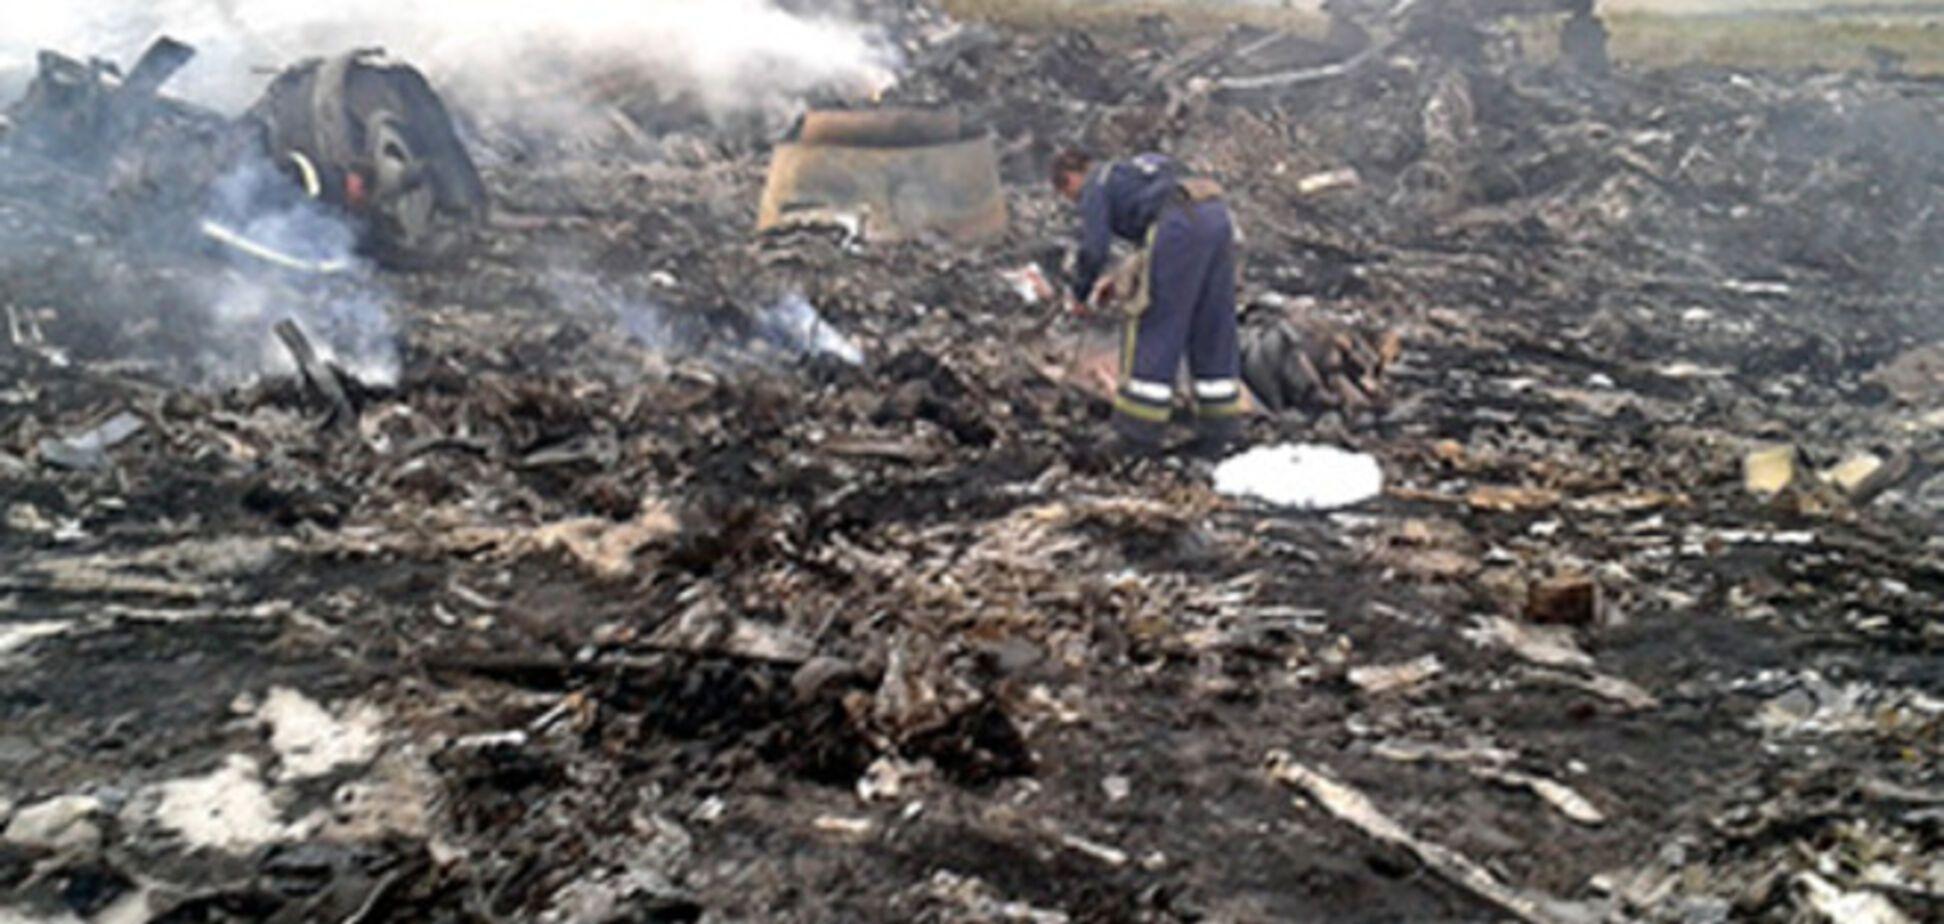 Сбившим Boeing 777 комплексом 'Бук' управляли россияне - очевидцы